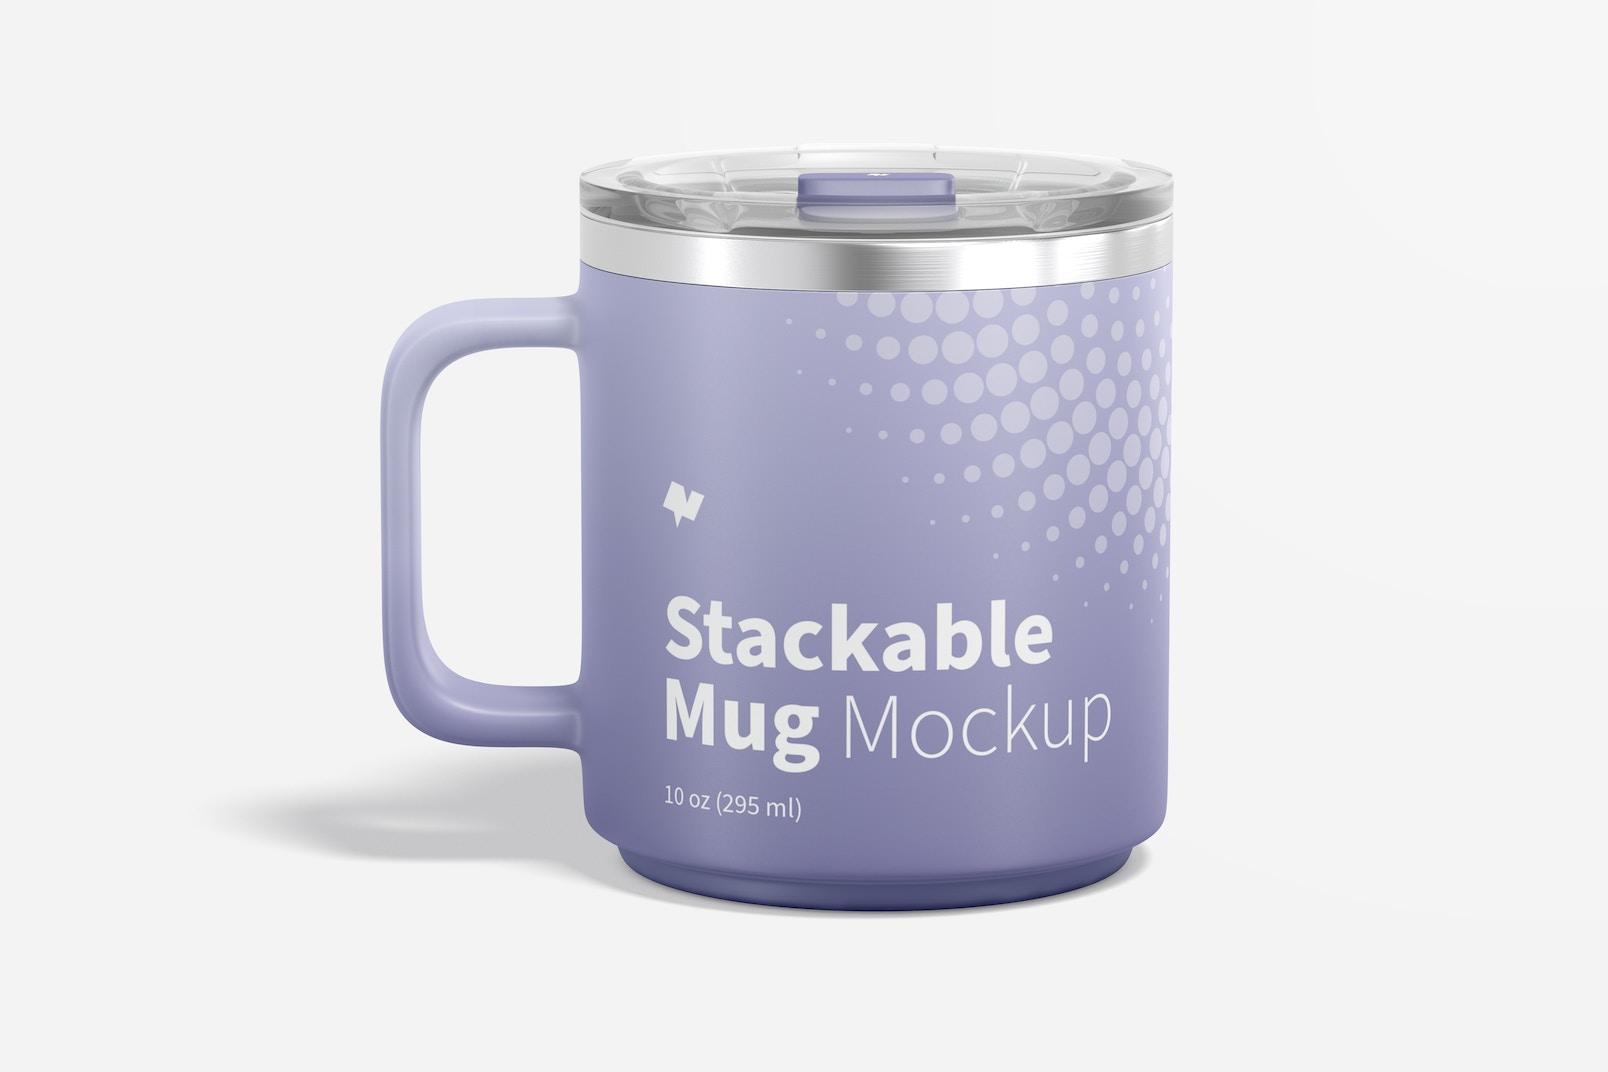 10 oz Stackable Mug Mockup, Front View